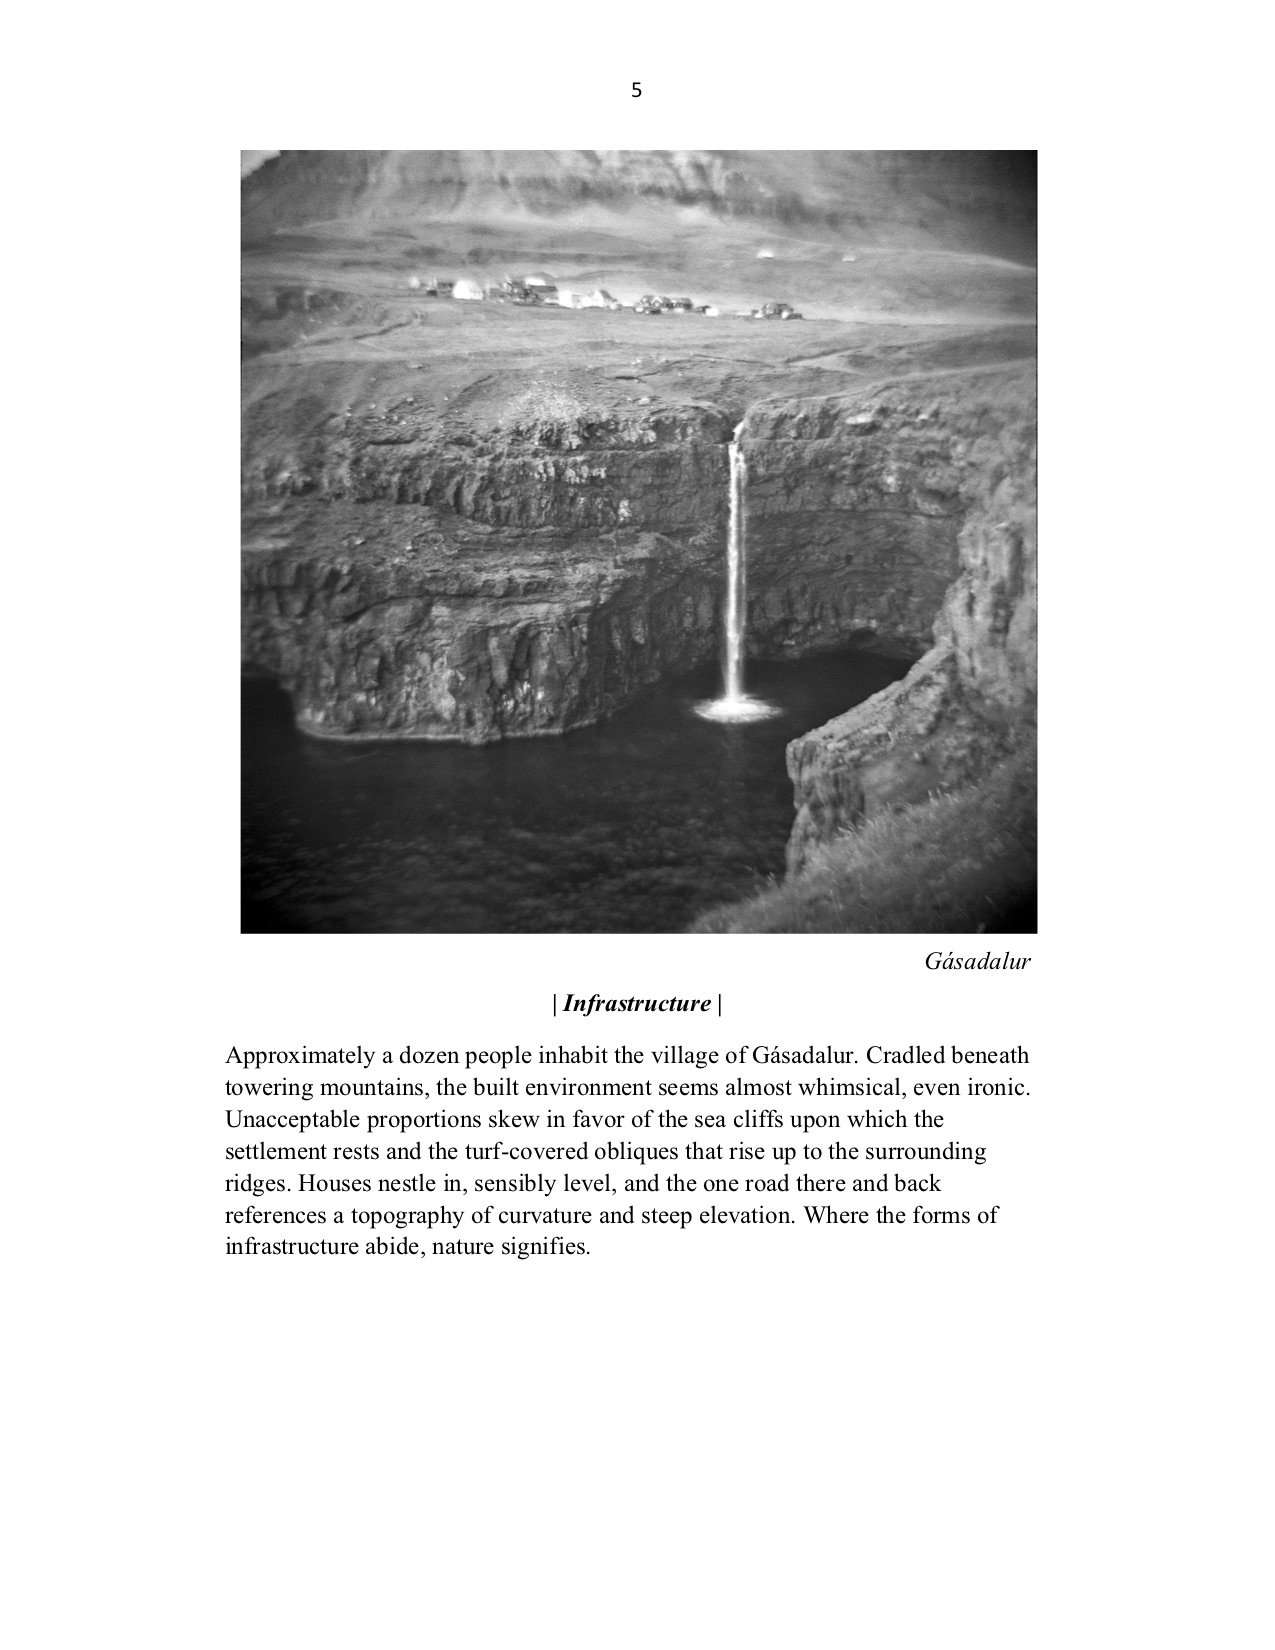 Faroe_Island_Elemental (5).jpg